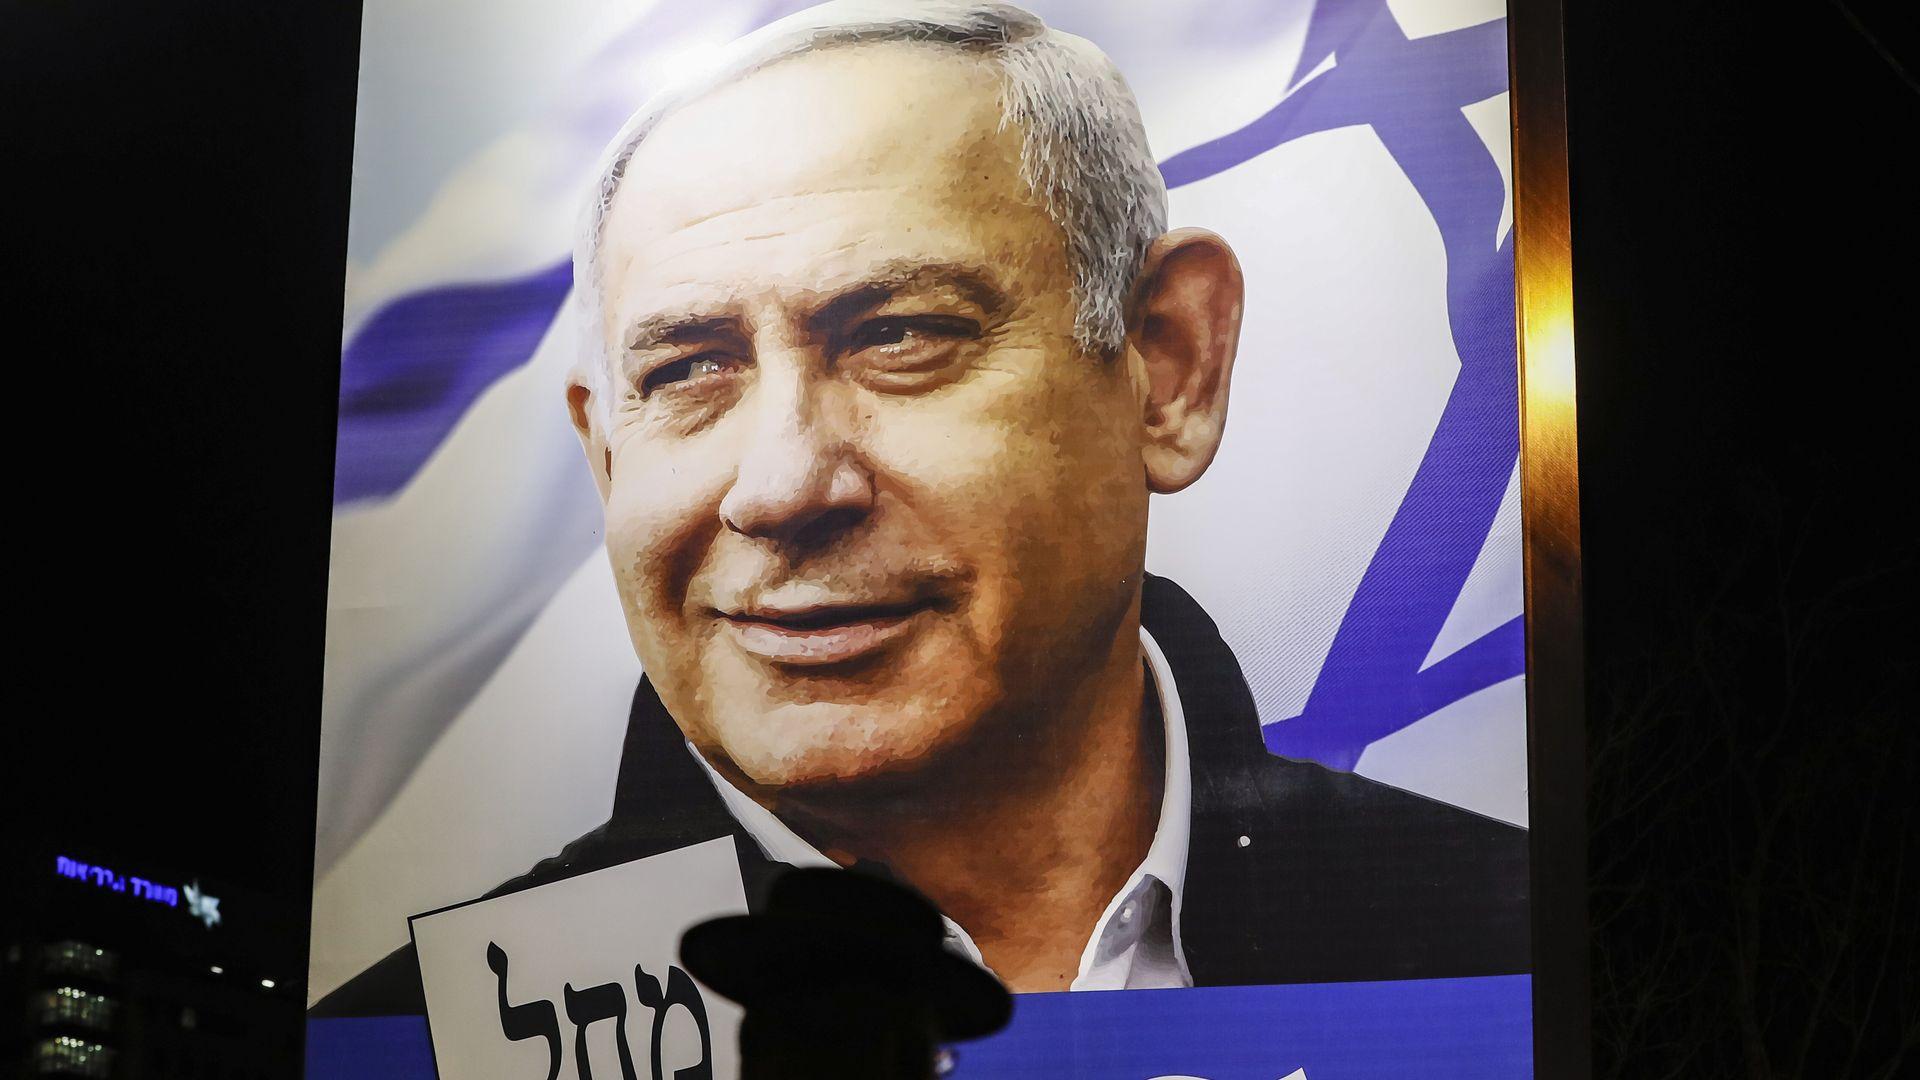 Billboard of Benjamin Netanyahu